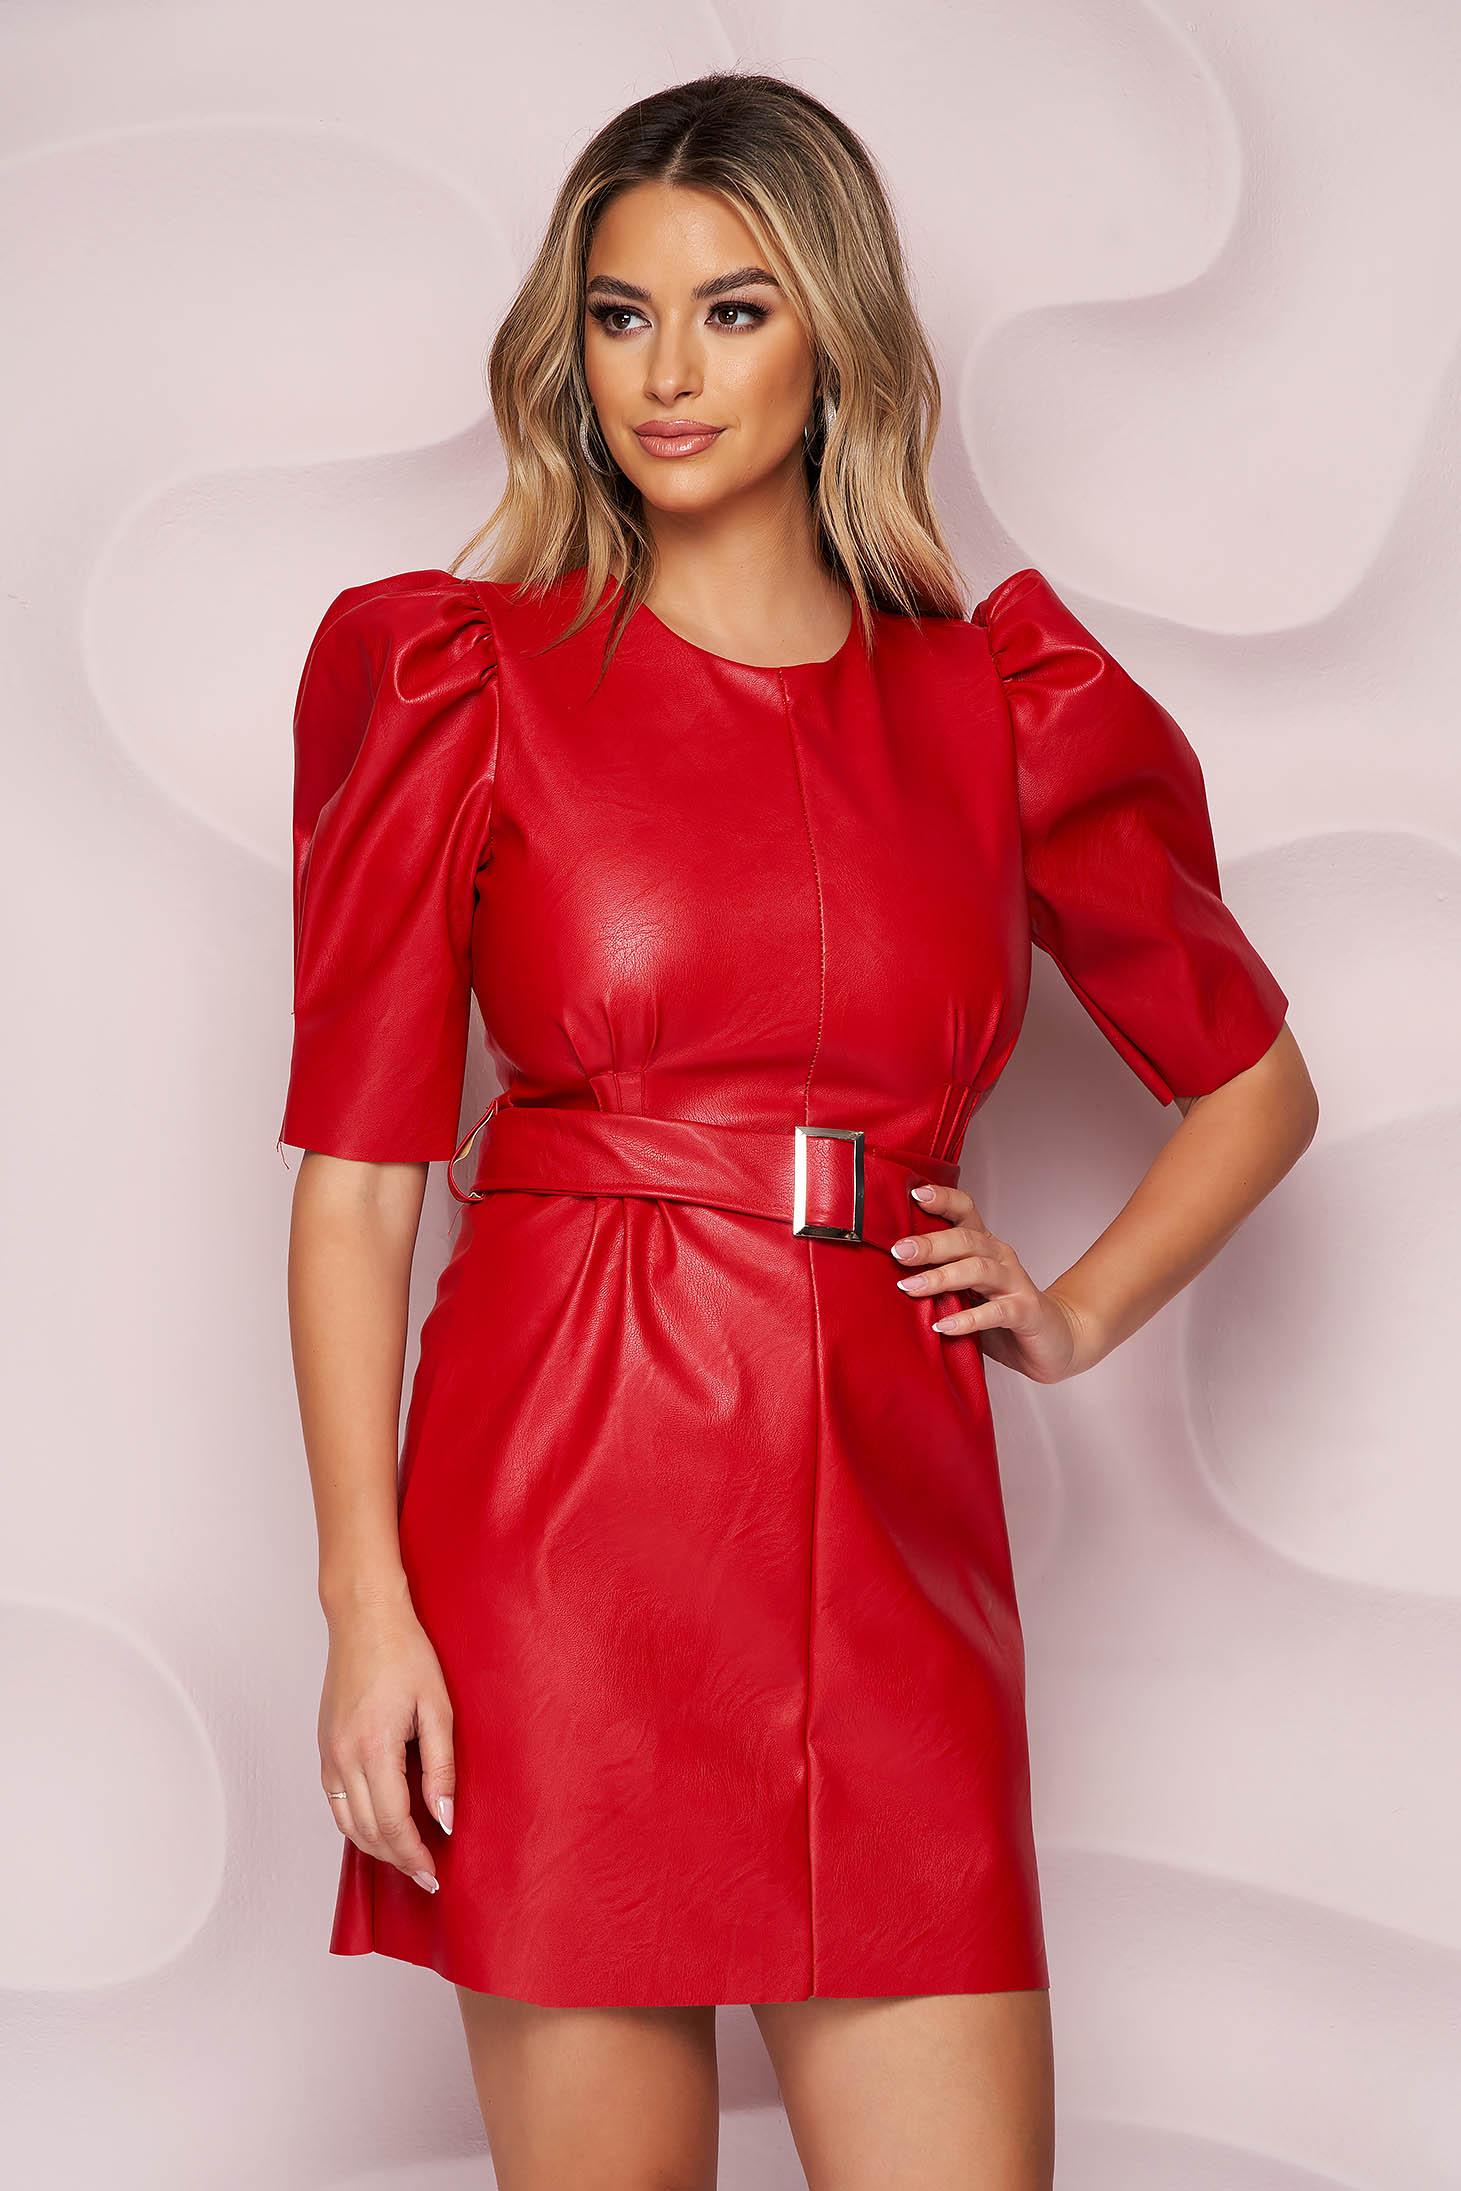 Piros bő ujjú rövid egyenes ruha műbőrből öv típusú kiegészítővel